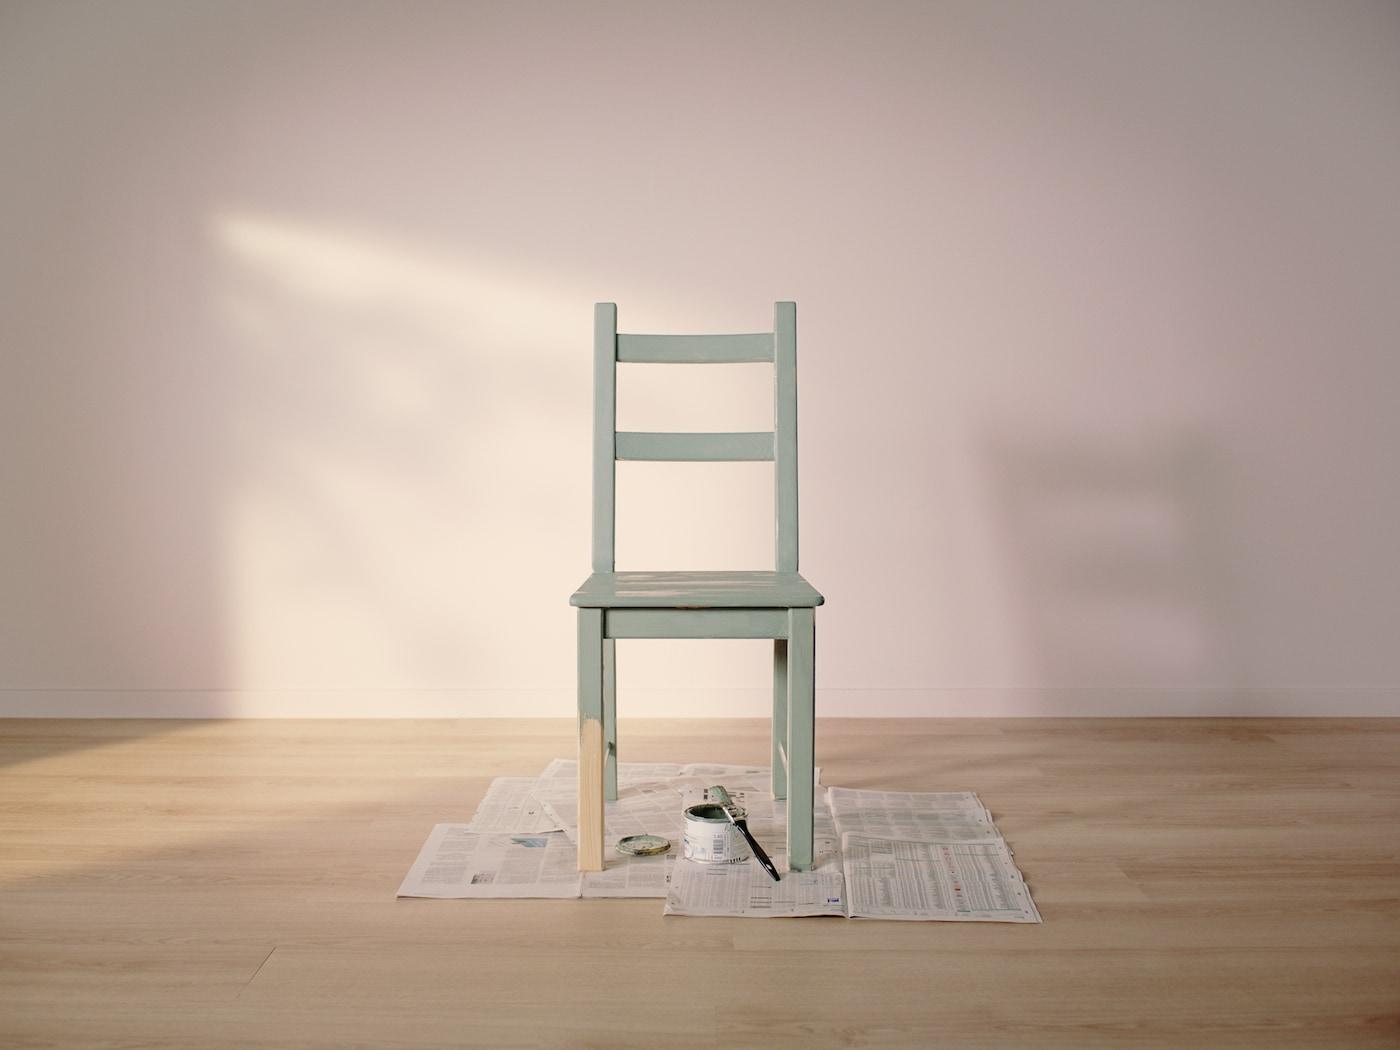 Vaaleanvihreäksi maalattu IVAR-tuoli seisoo vanhoilla sanomalehdillä tyhjässä huoneessa, jossa on vaalea puulattia ja vaaleanpunaiset seinät.